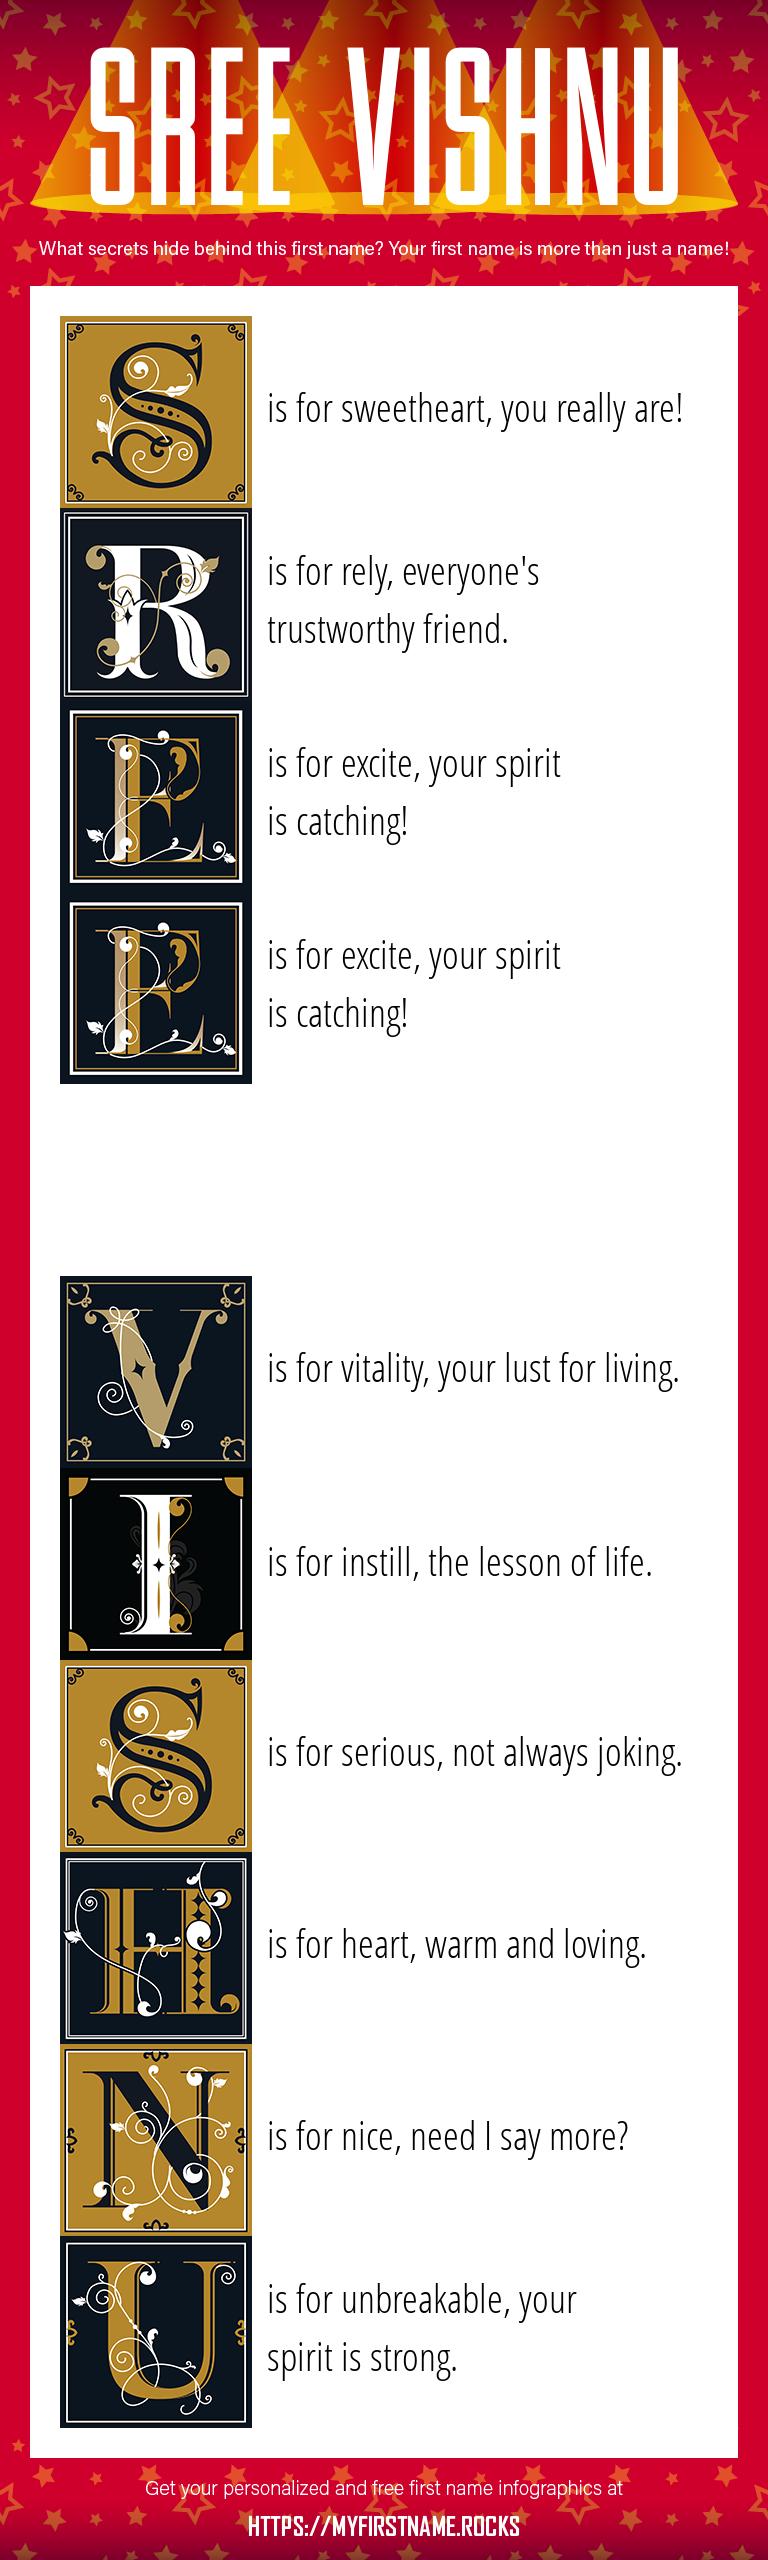 Sree Vishnu Infographics